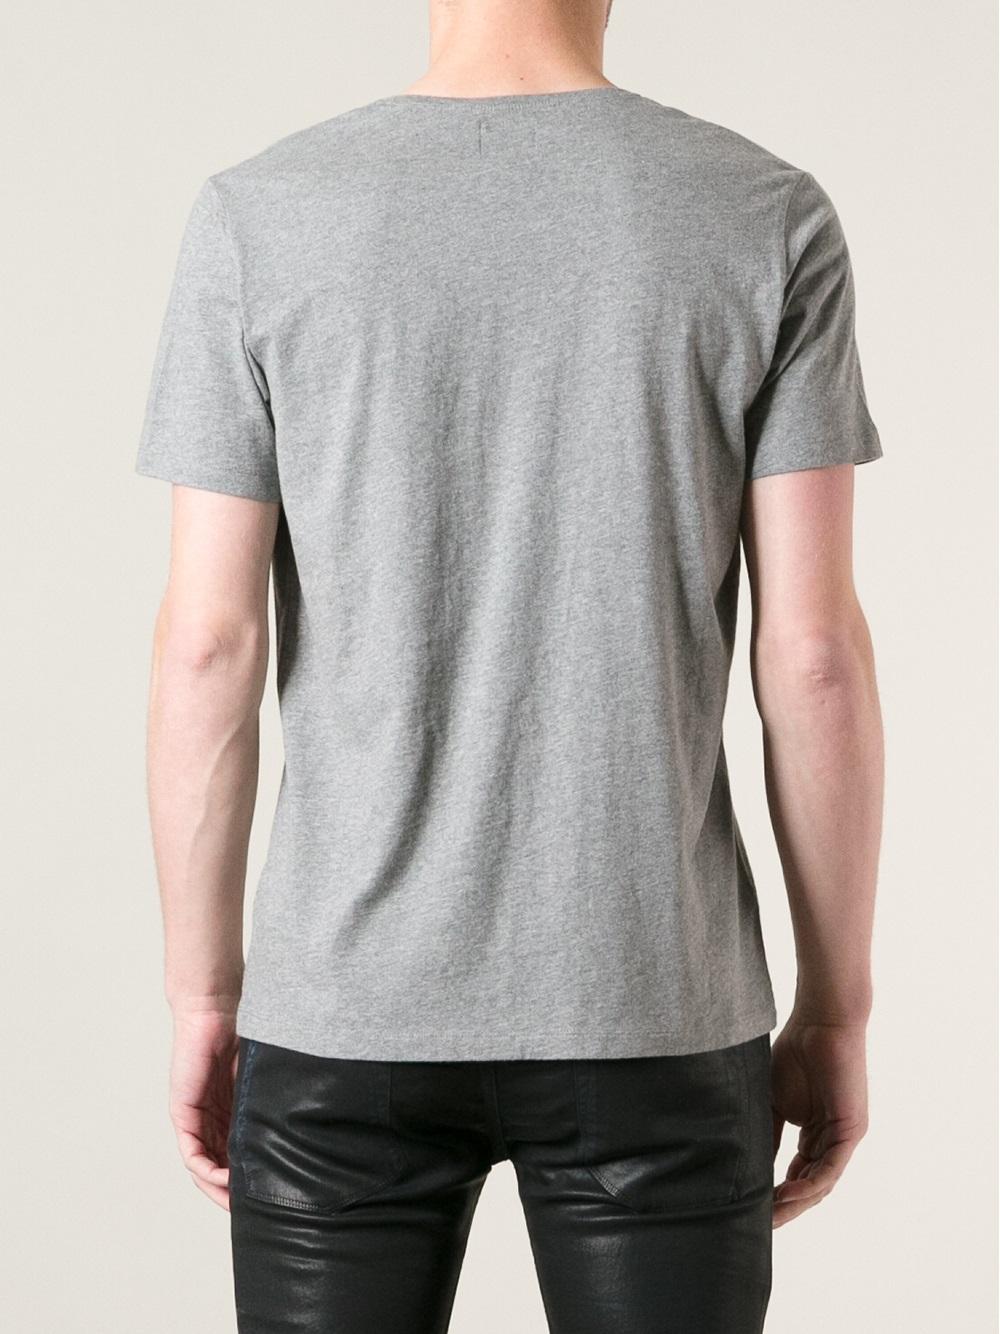 DIESEL V-Neck T-Shirt in Grey (Gray) for Men - Lyst